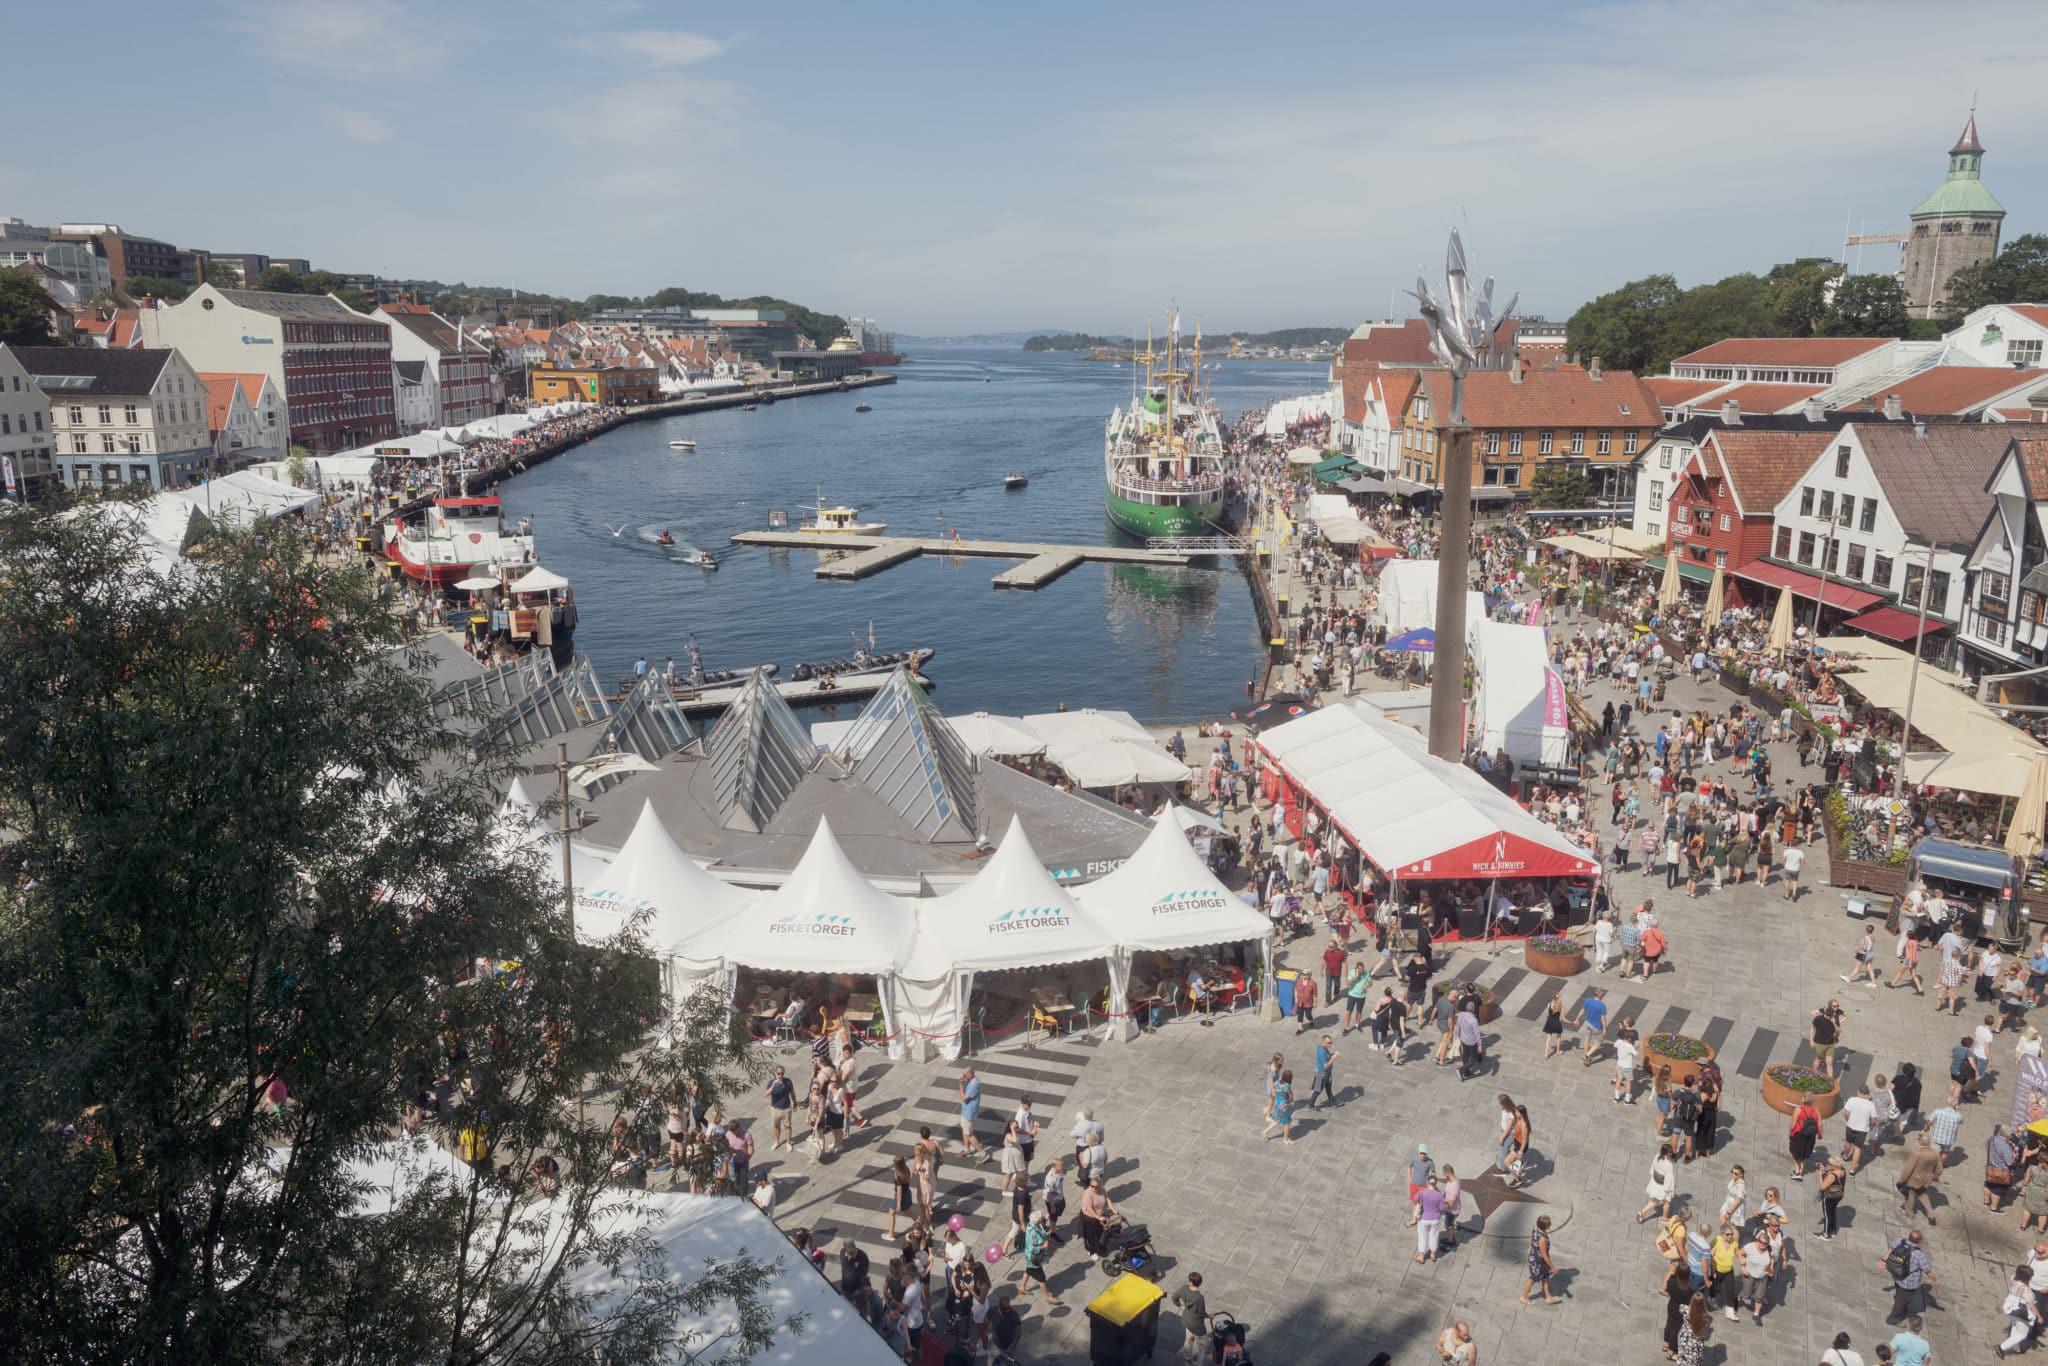 Gladmatfestivalen 2019